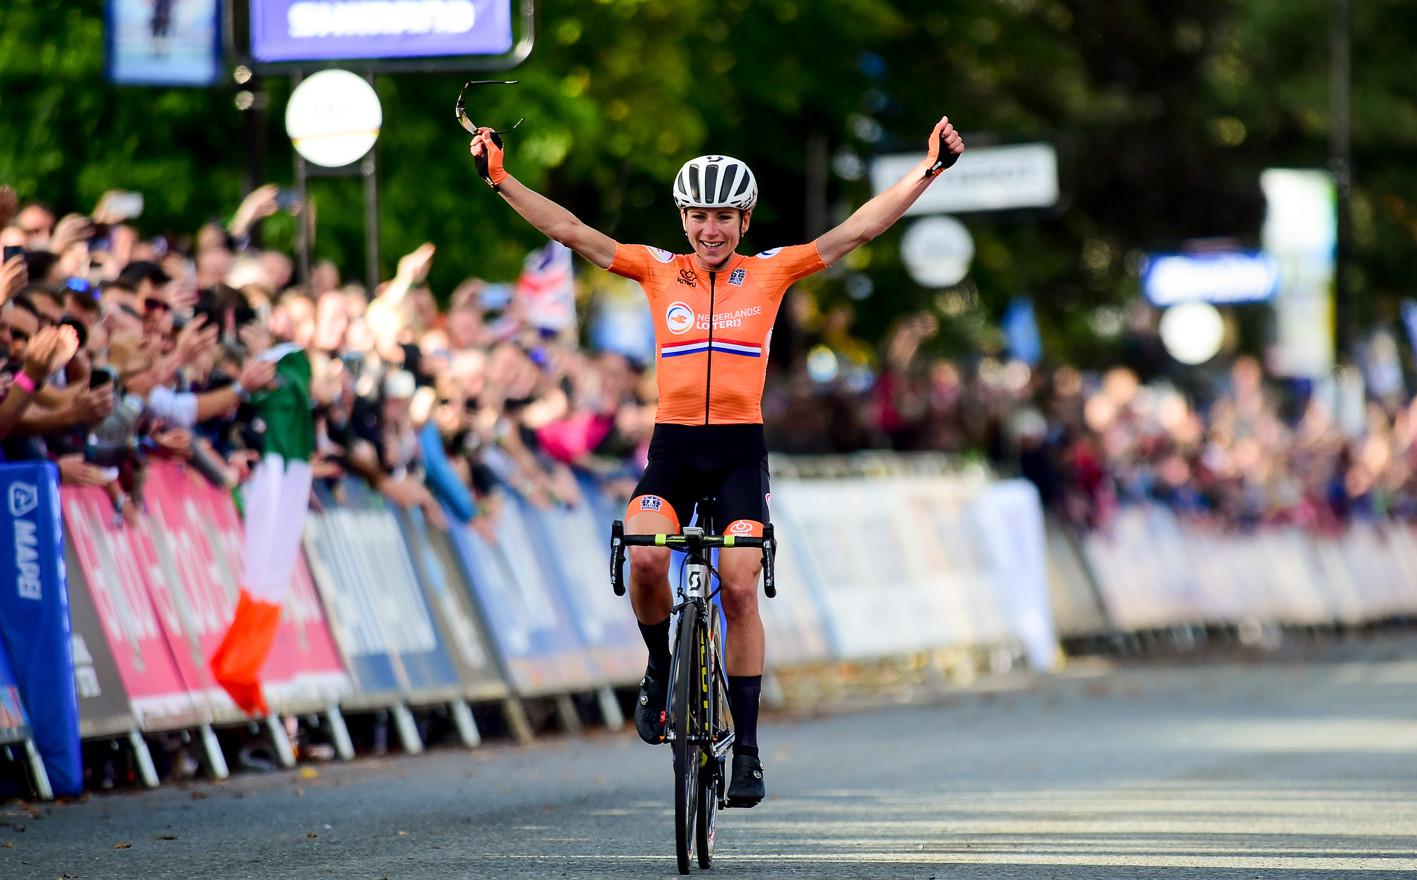 Annemiek van Vleuten wins her first world title at the 2019 Road World Championships in Yorkshire.